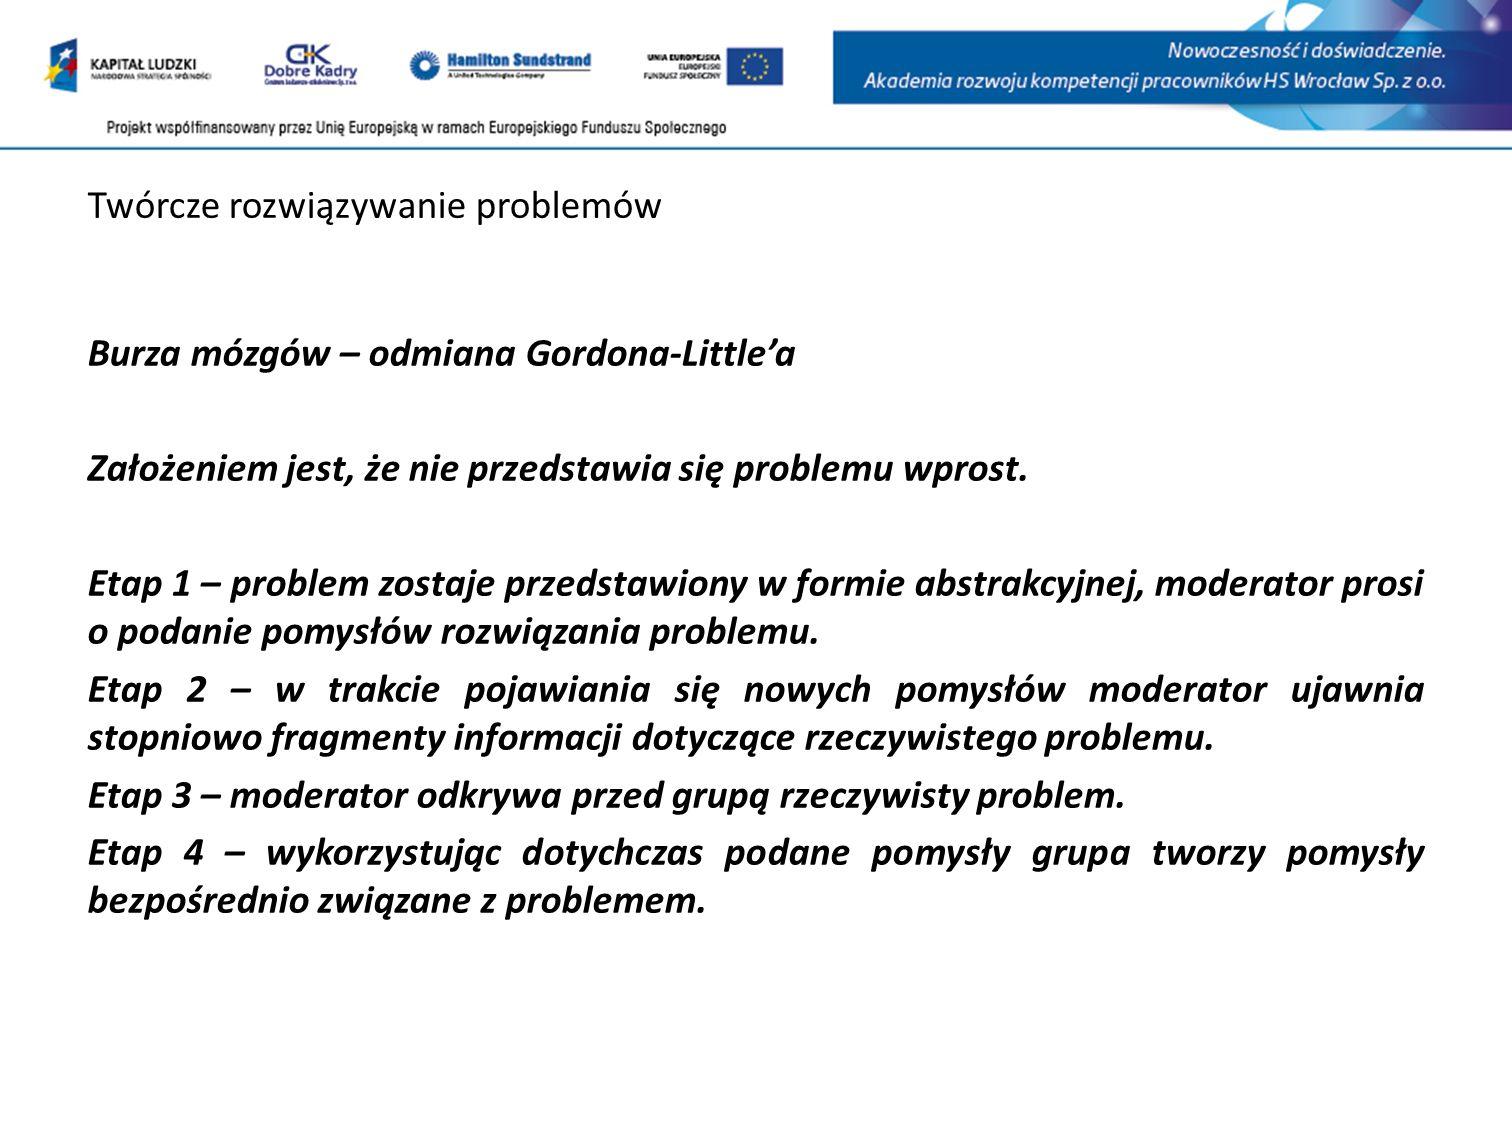 Twórcze rozwiązywanie problemów Burza mózgów – odmiana Gordona-Littlea Założeniem jest, że nie przedstawia się problemu wprost.